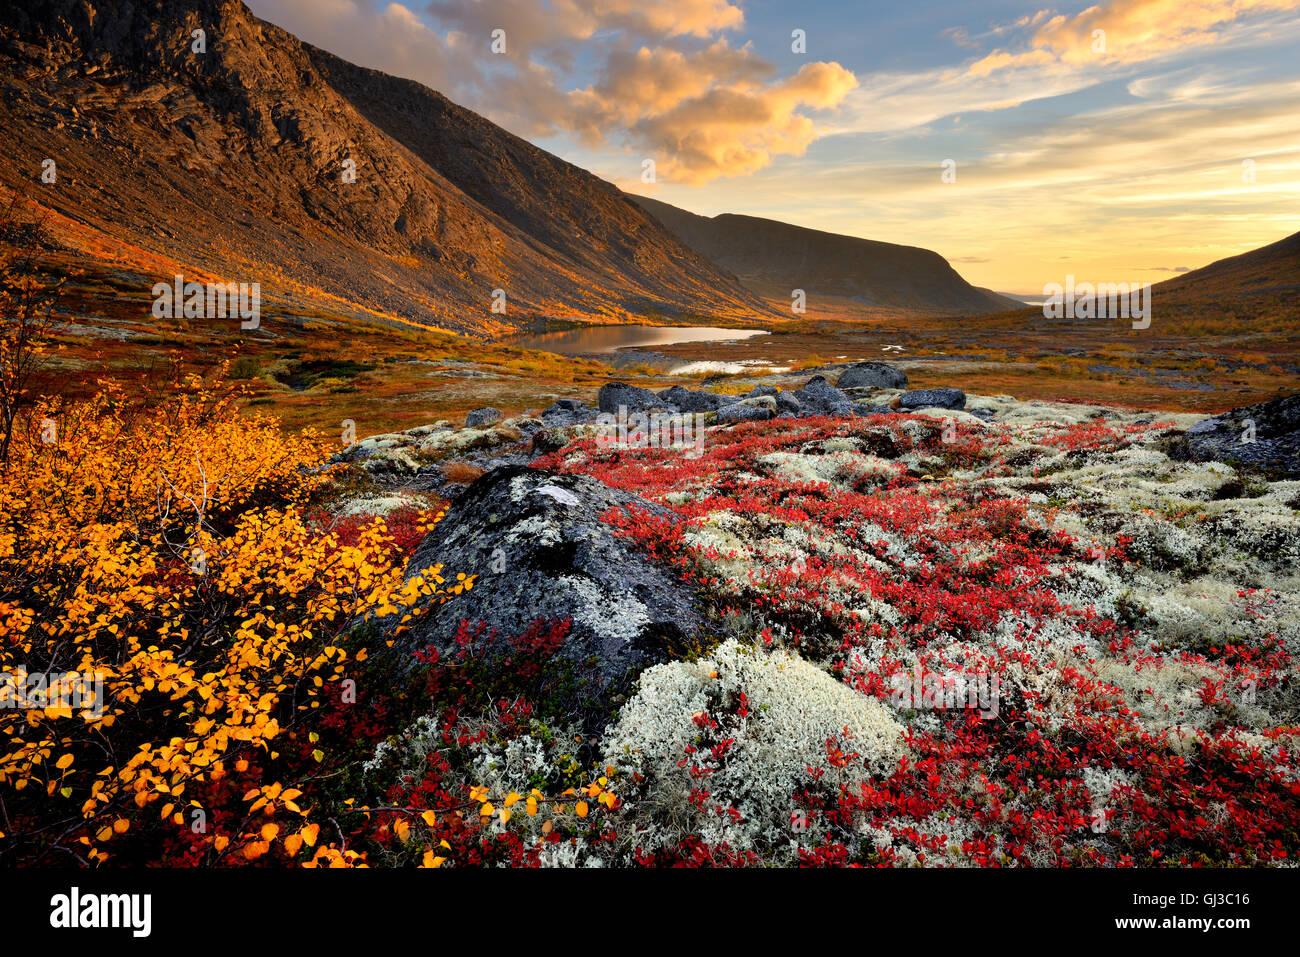 Couleur d'automne et de la vallée de la rivière Malaya Belaya, montagnes Khibiny, péninsule de Photo Stock